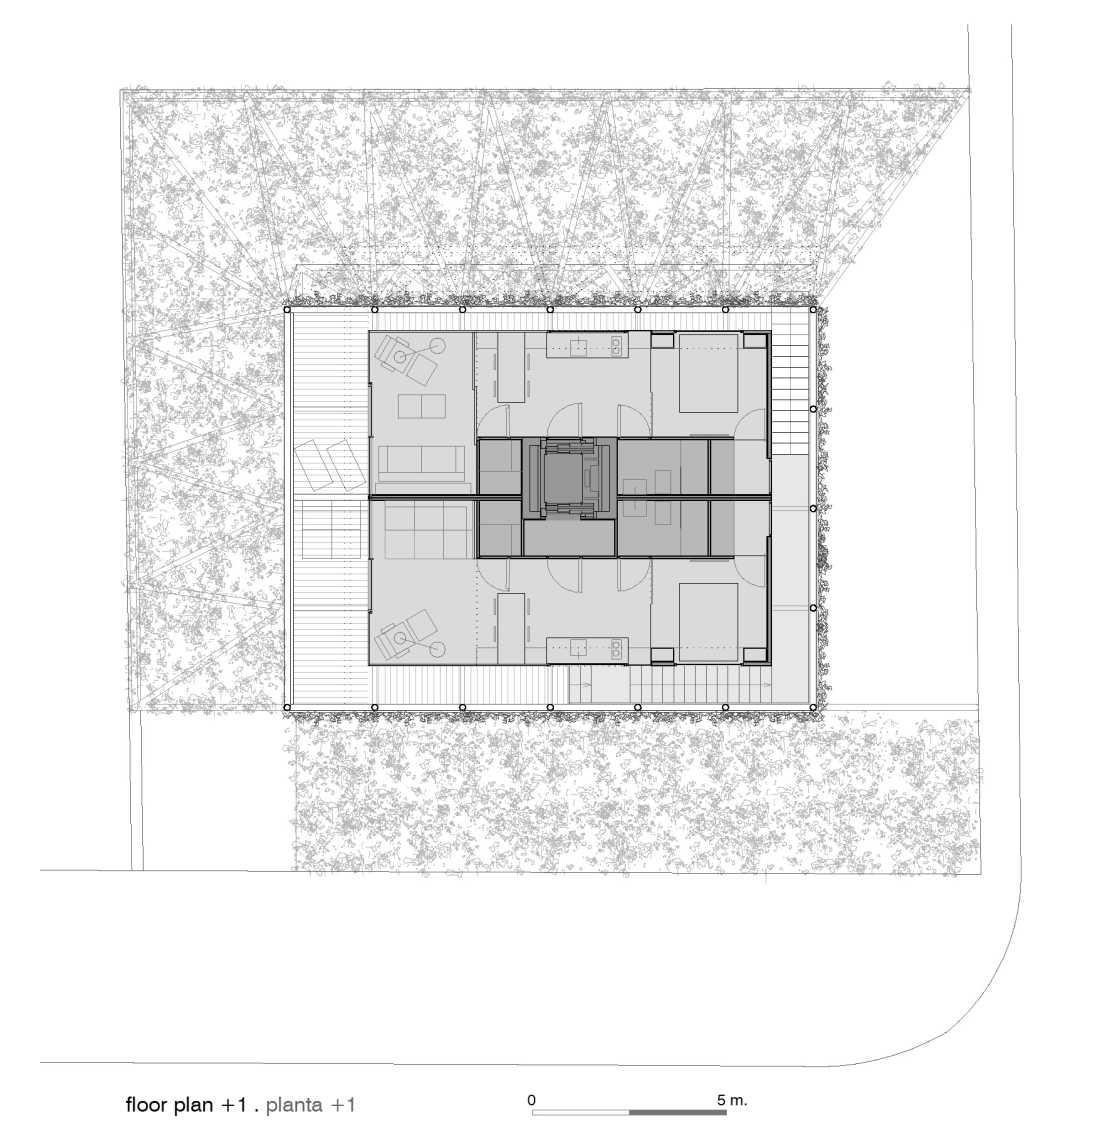 c_floor plan +1